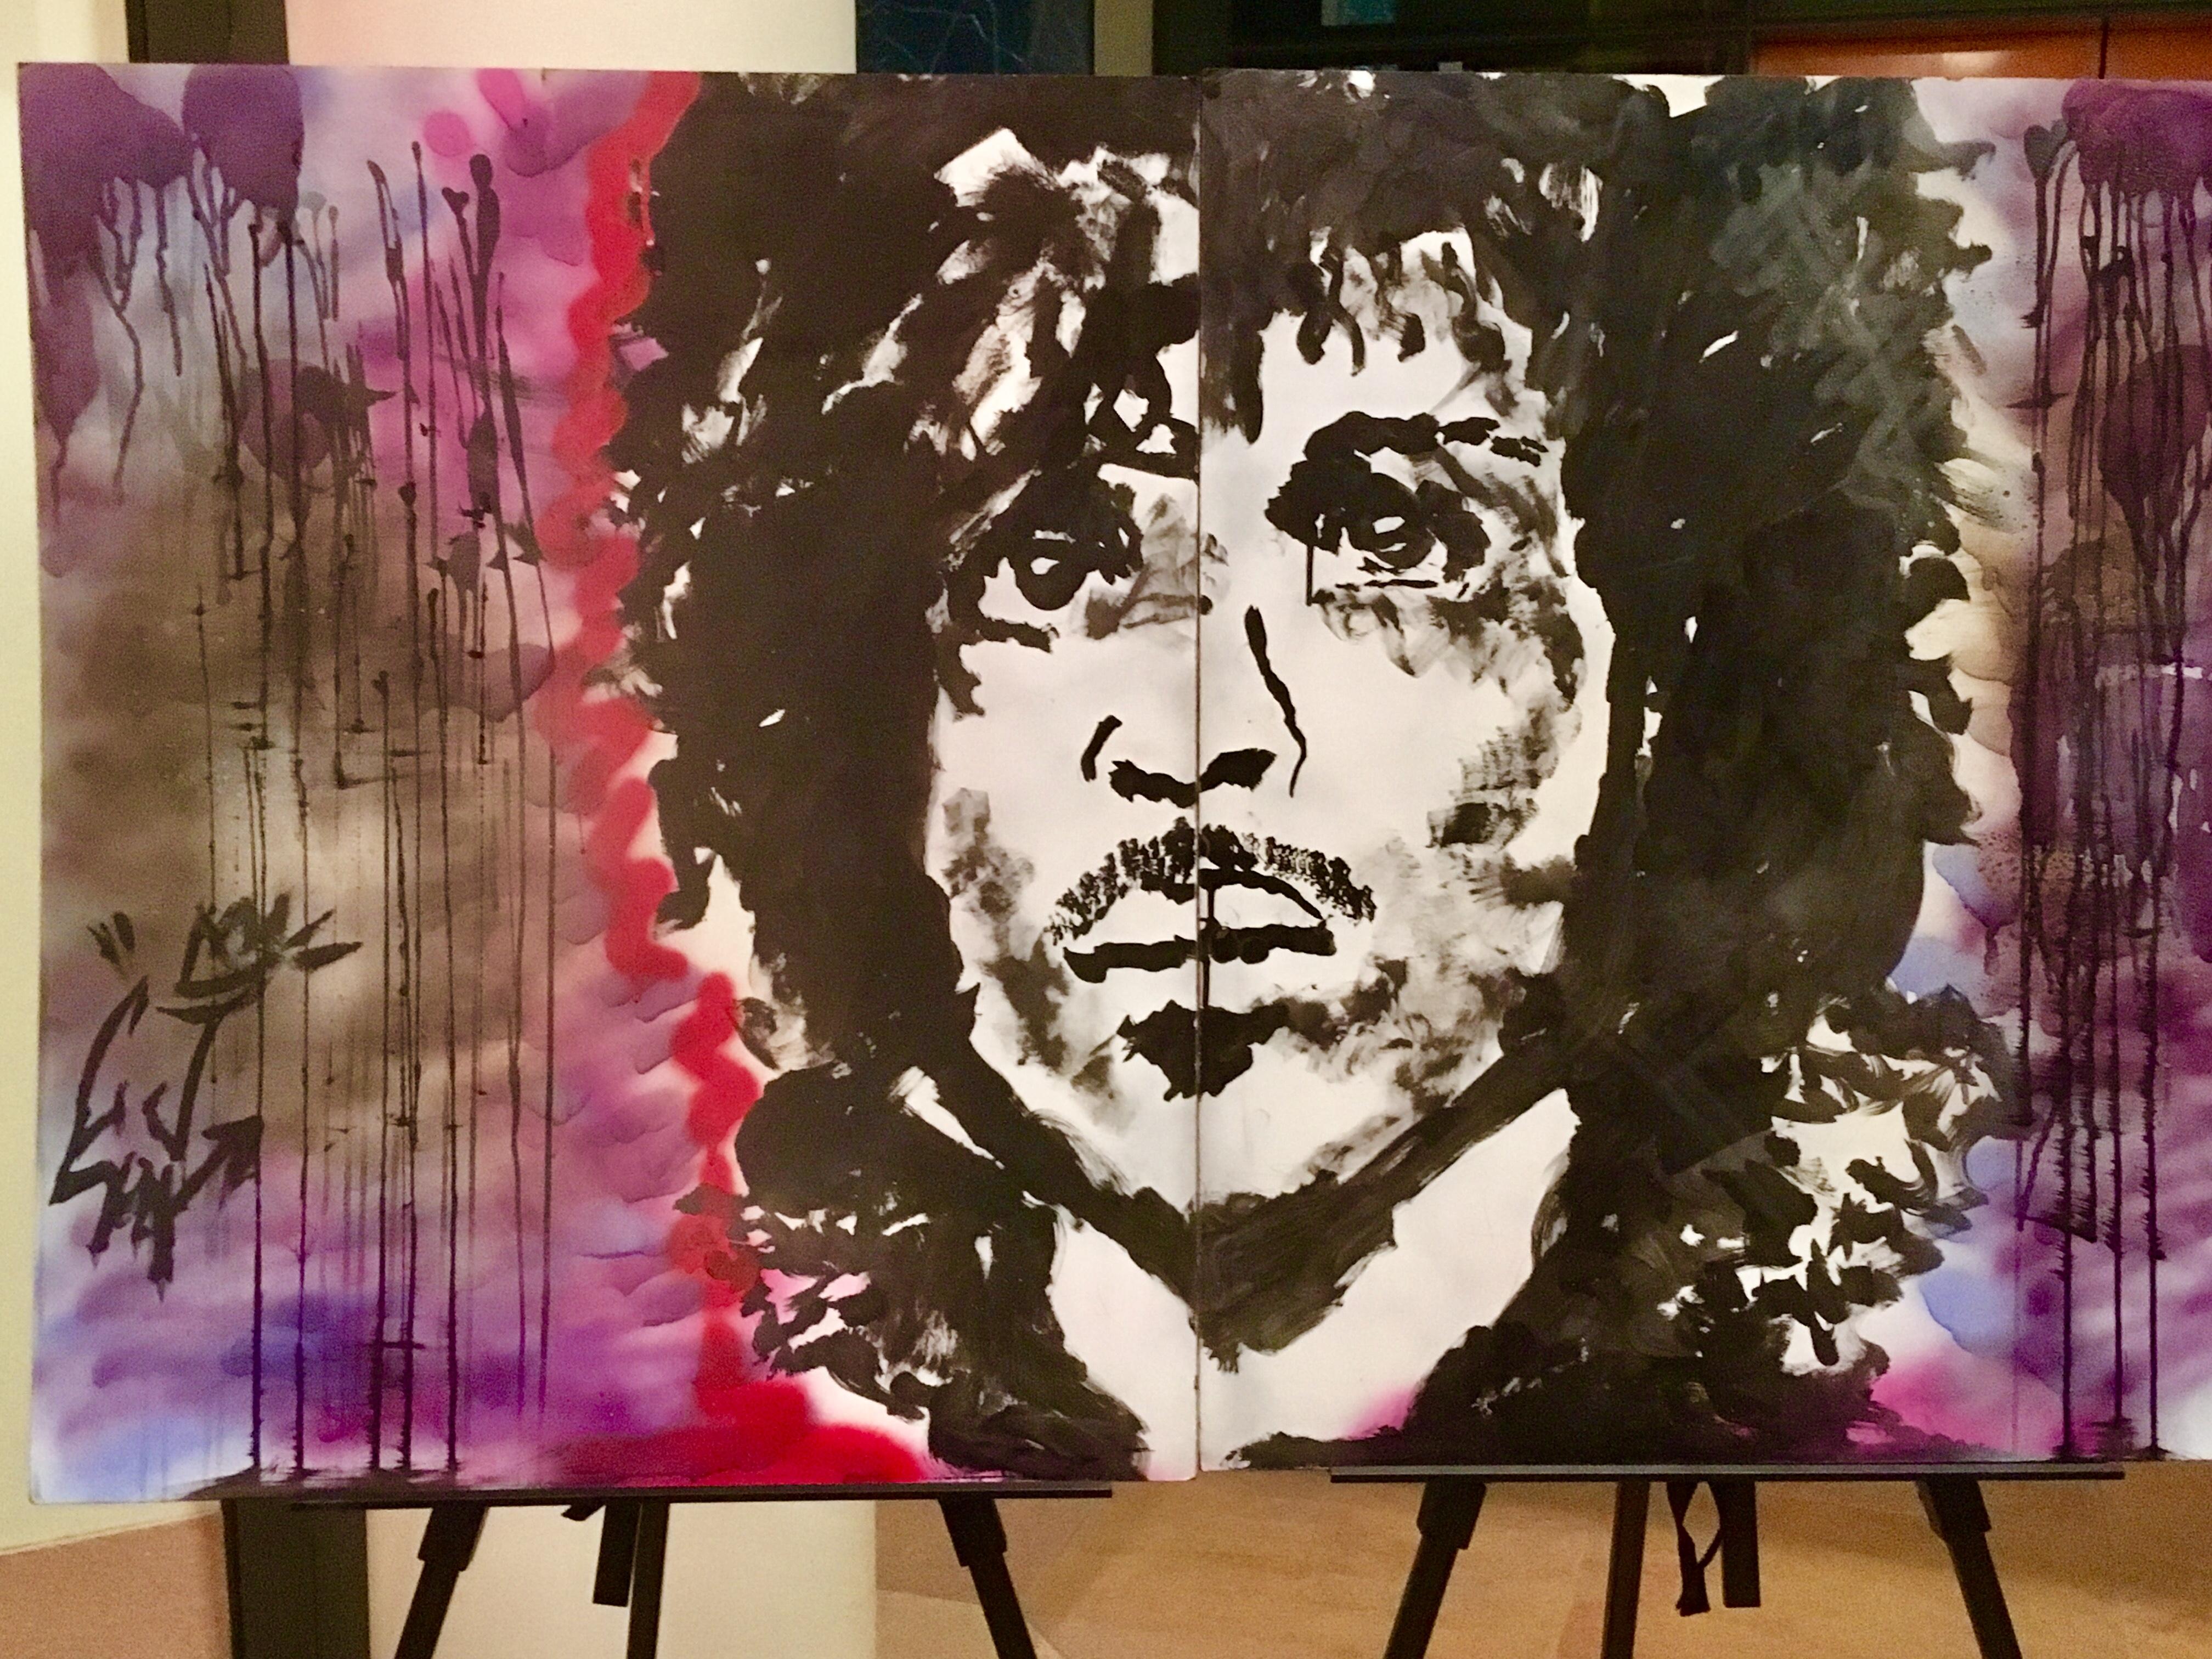 Prince Tribute | KOLPEACE